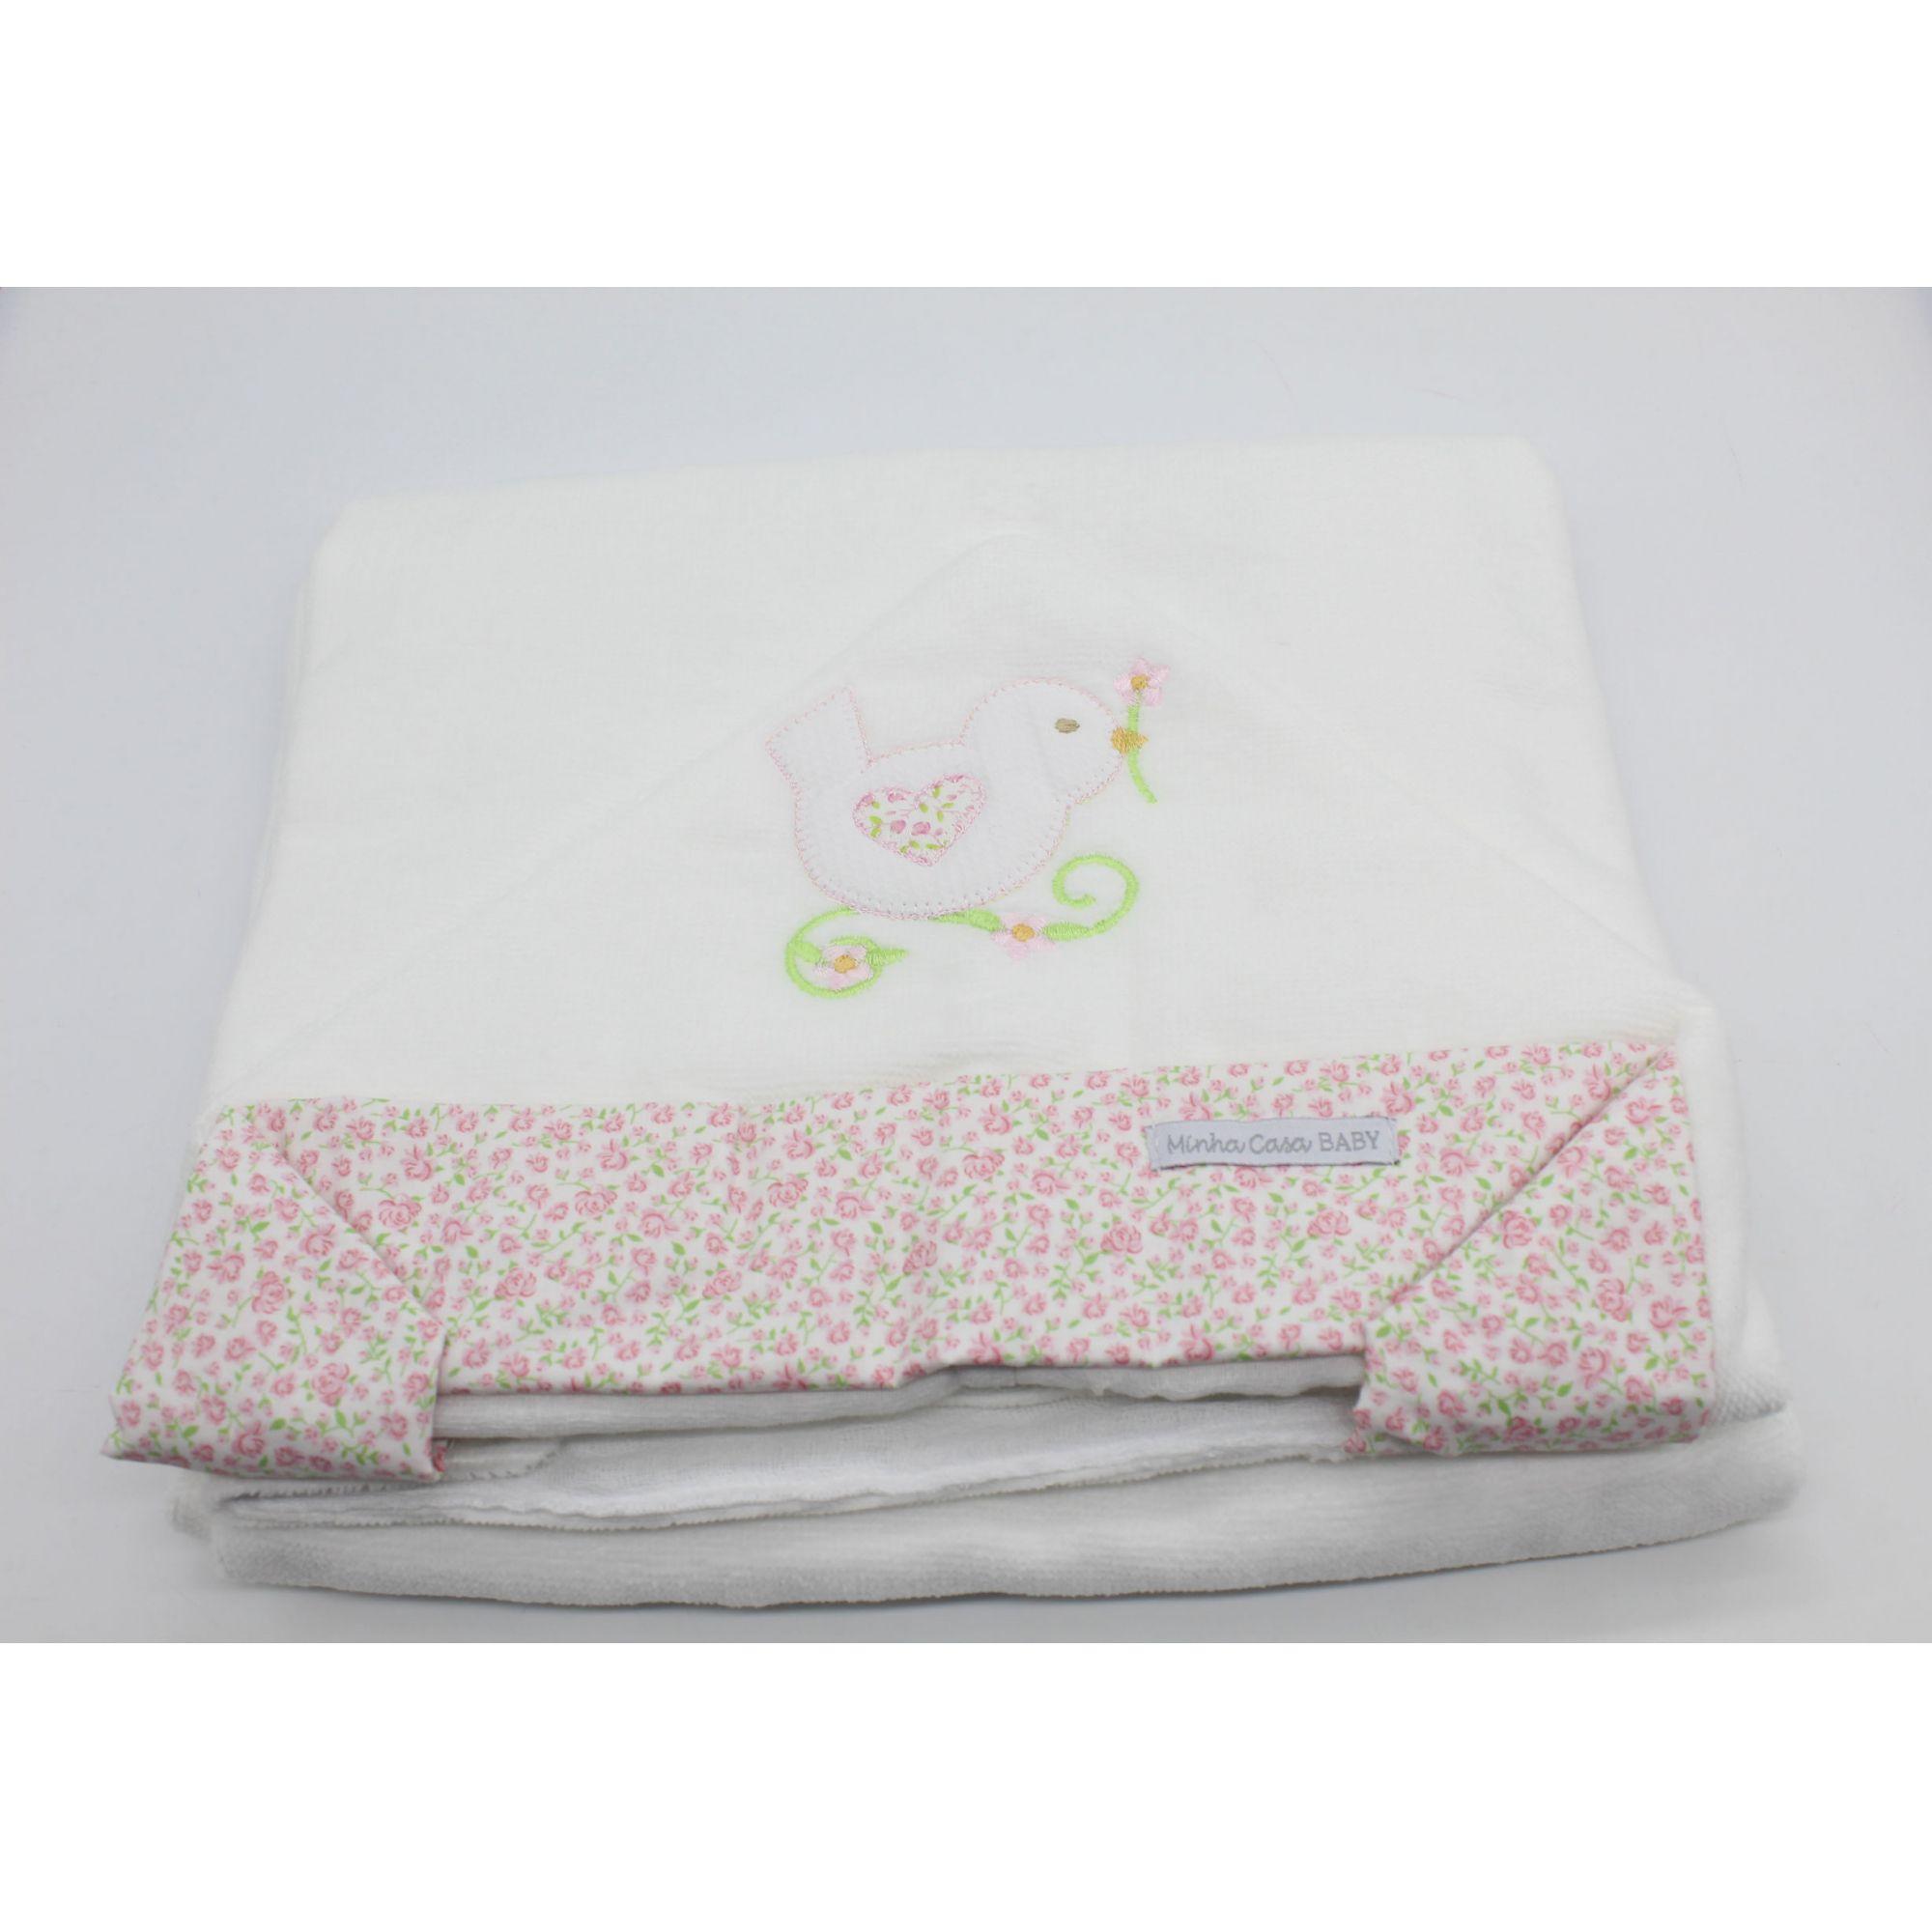 Toalha de Banho c/ Capuz Felpa Passarinho Rosa - Minha Casa Baby Ref Tbf6082